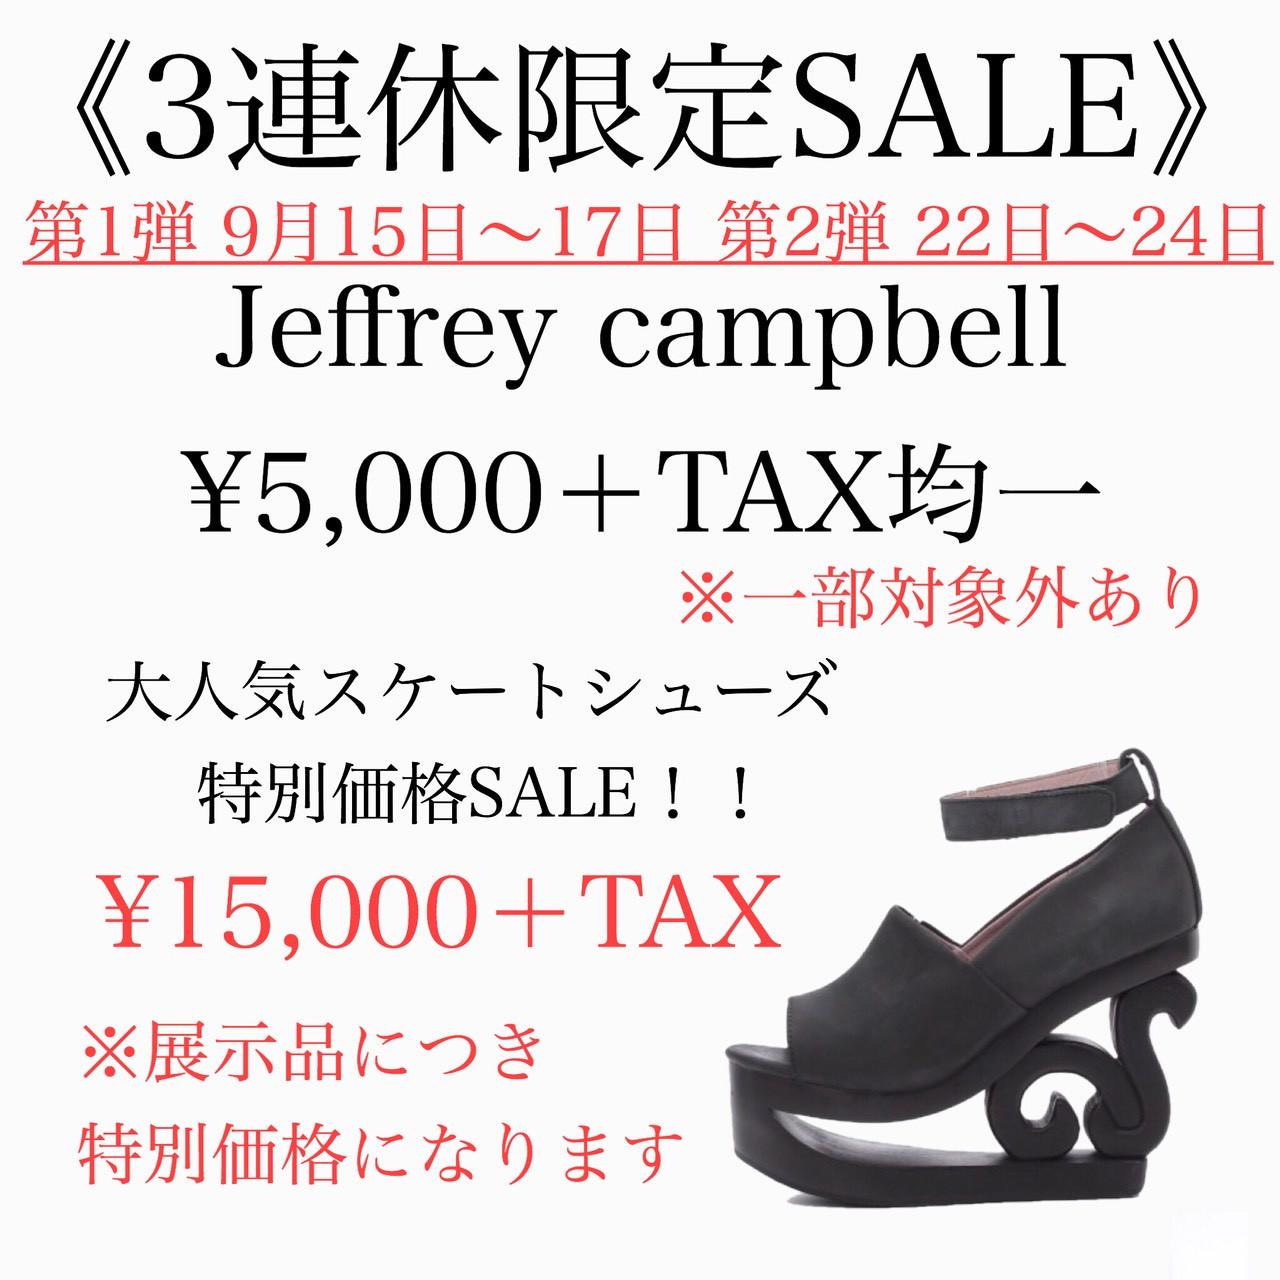 3連休特別セール!Jeffrey campbell(ジェフリーキャンベル)が¥〇〇〇〇均一!?